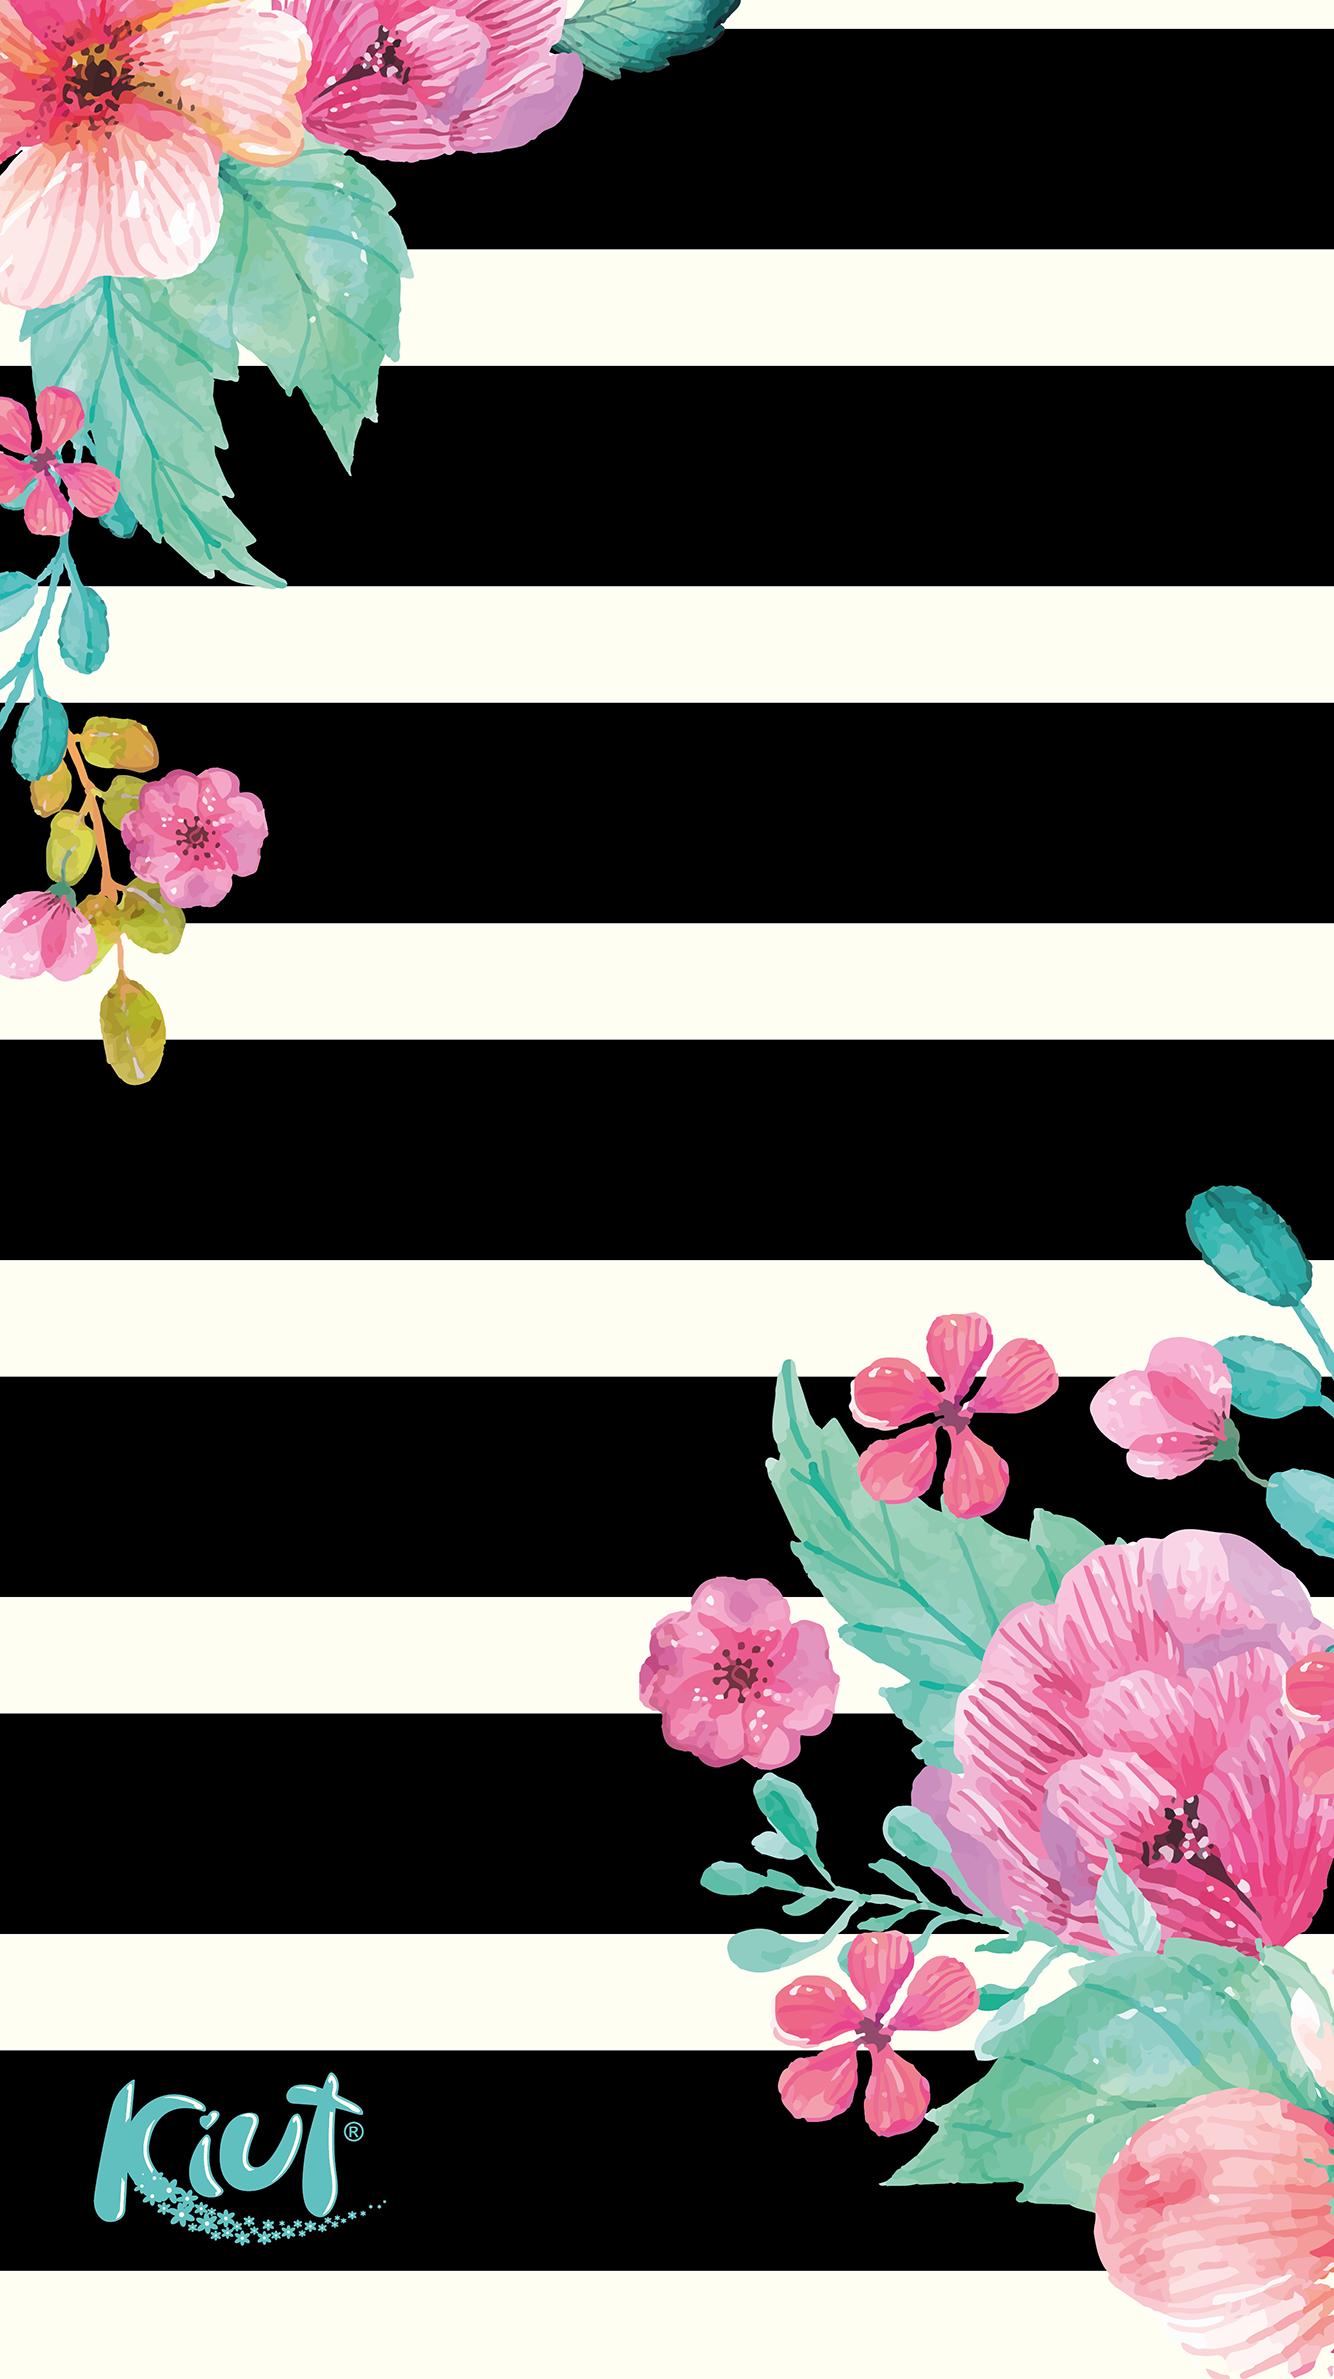 Encuentra lindos fondos para tu celular wallpapers para for Imagenes para fondo de celular